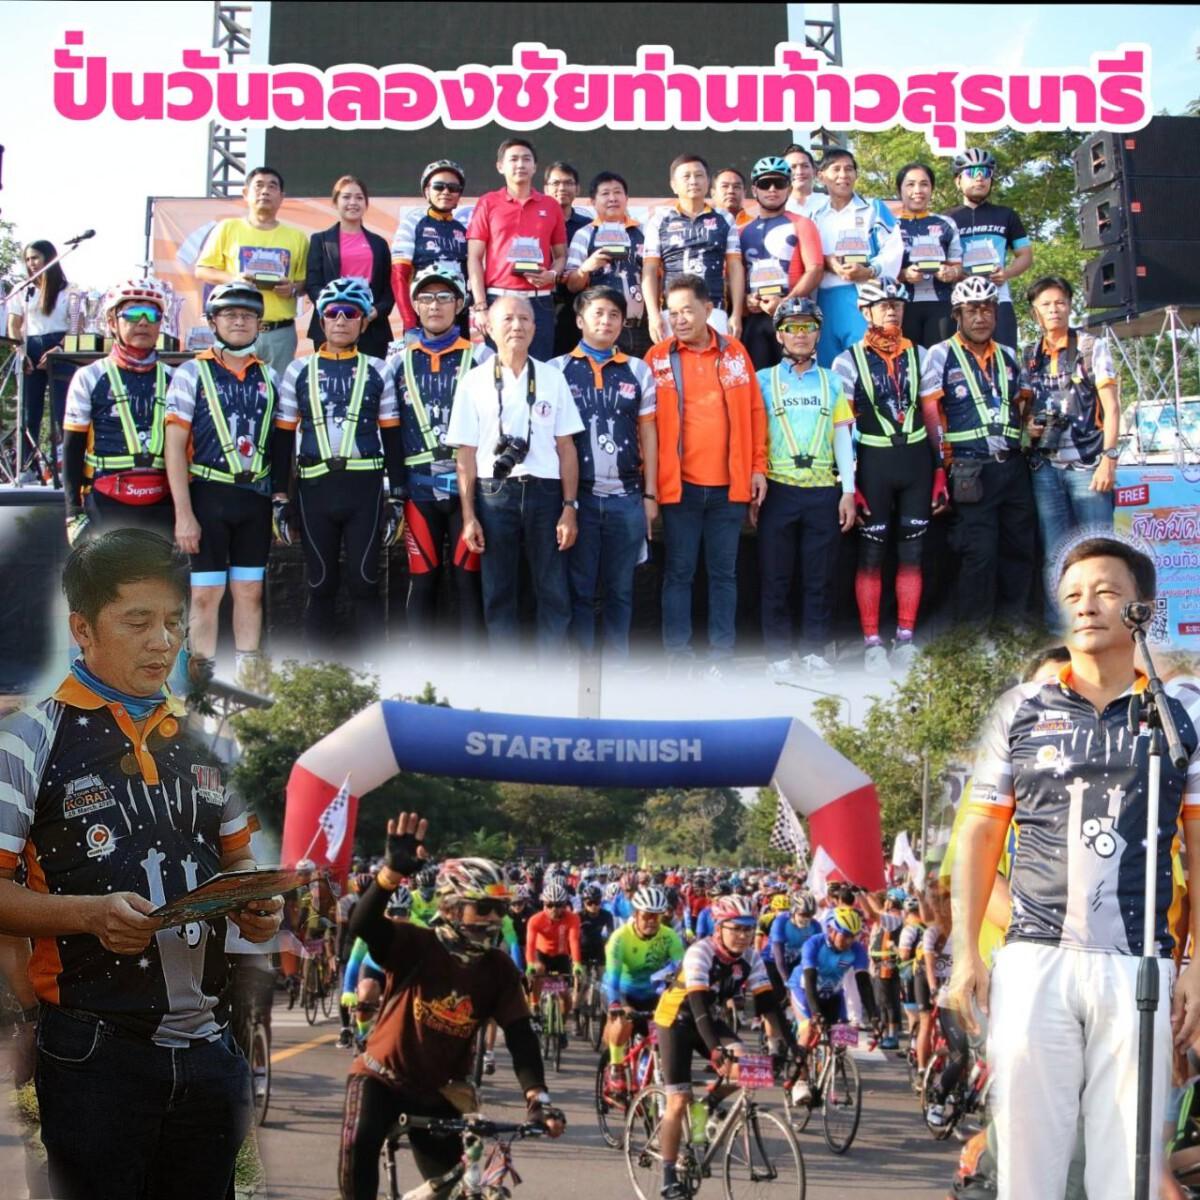 ปั่นรณรงค์เพื่อสุขภาพ Tour of Korat 2020 ครั้งที่ 7 จักรยานฉลองวันแห่งชัยชนะท้าวสุรนารี หลังวิกฤตการณ์โควิช19